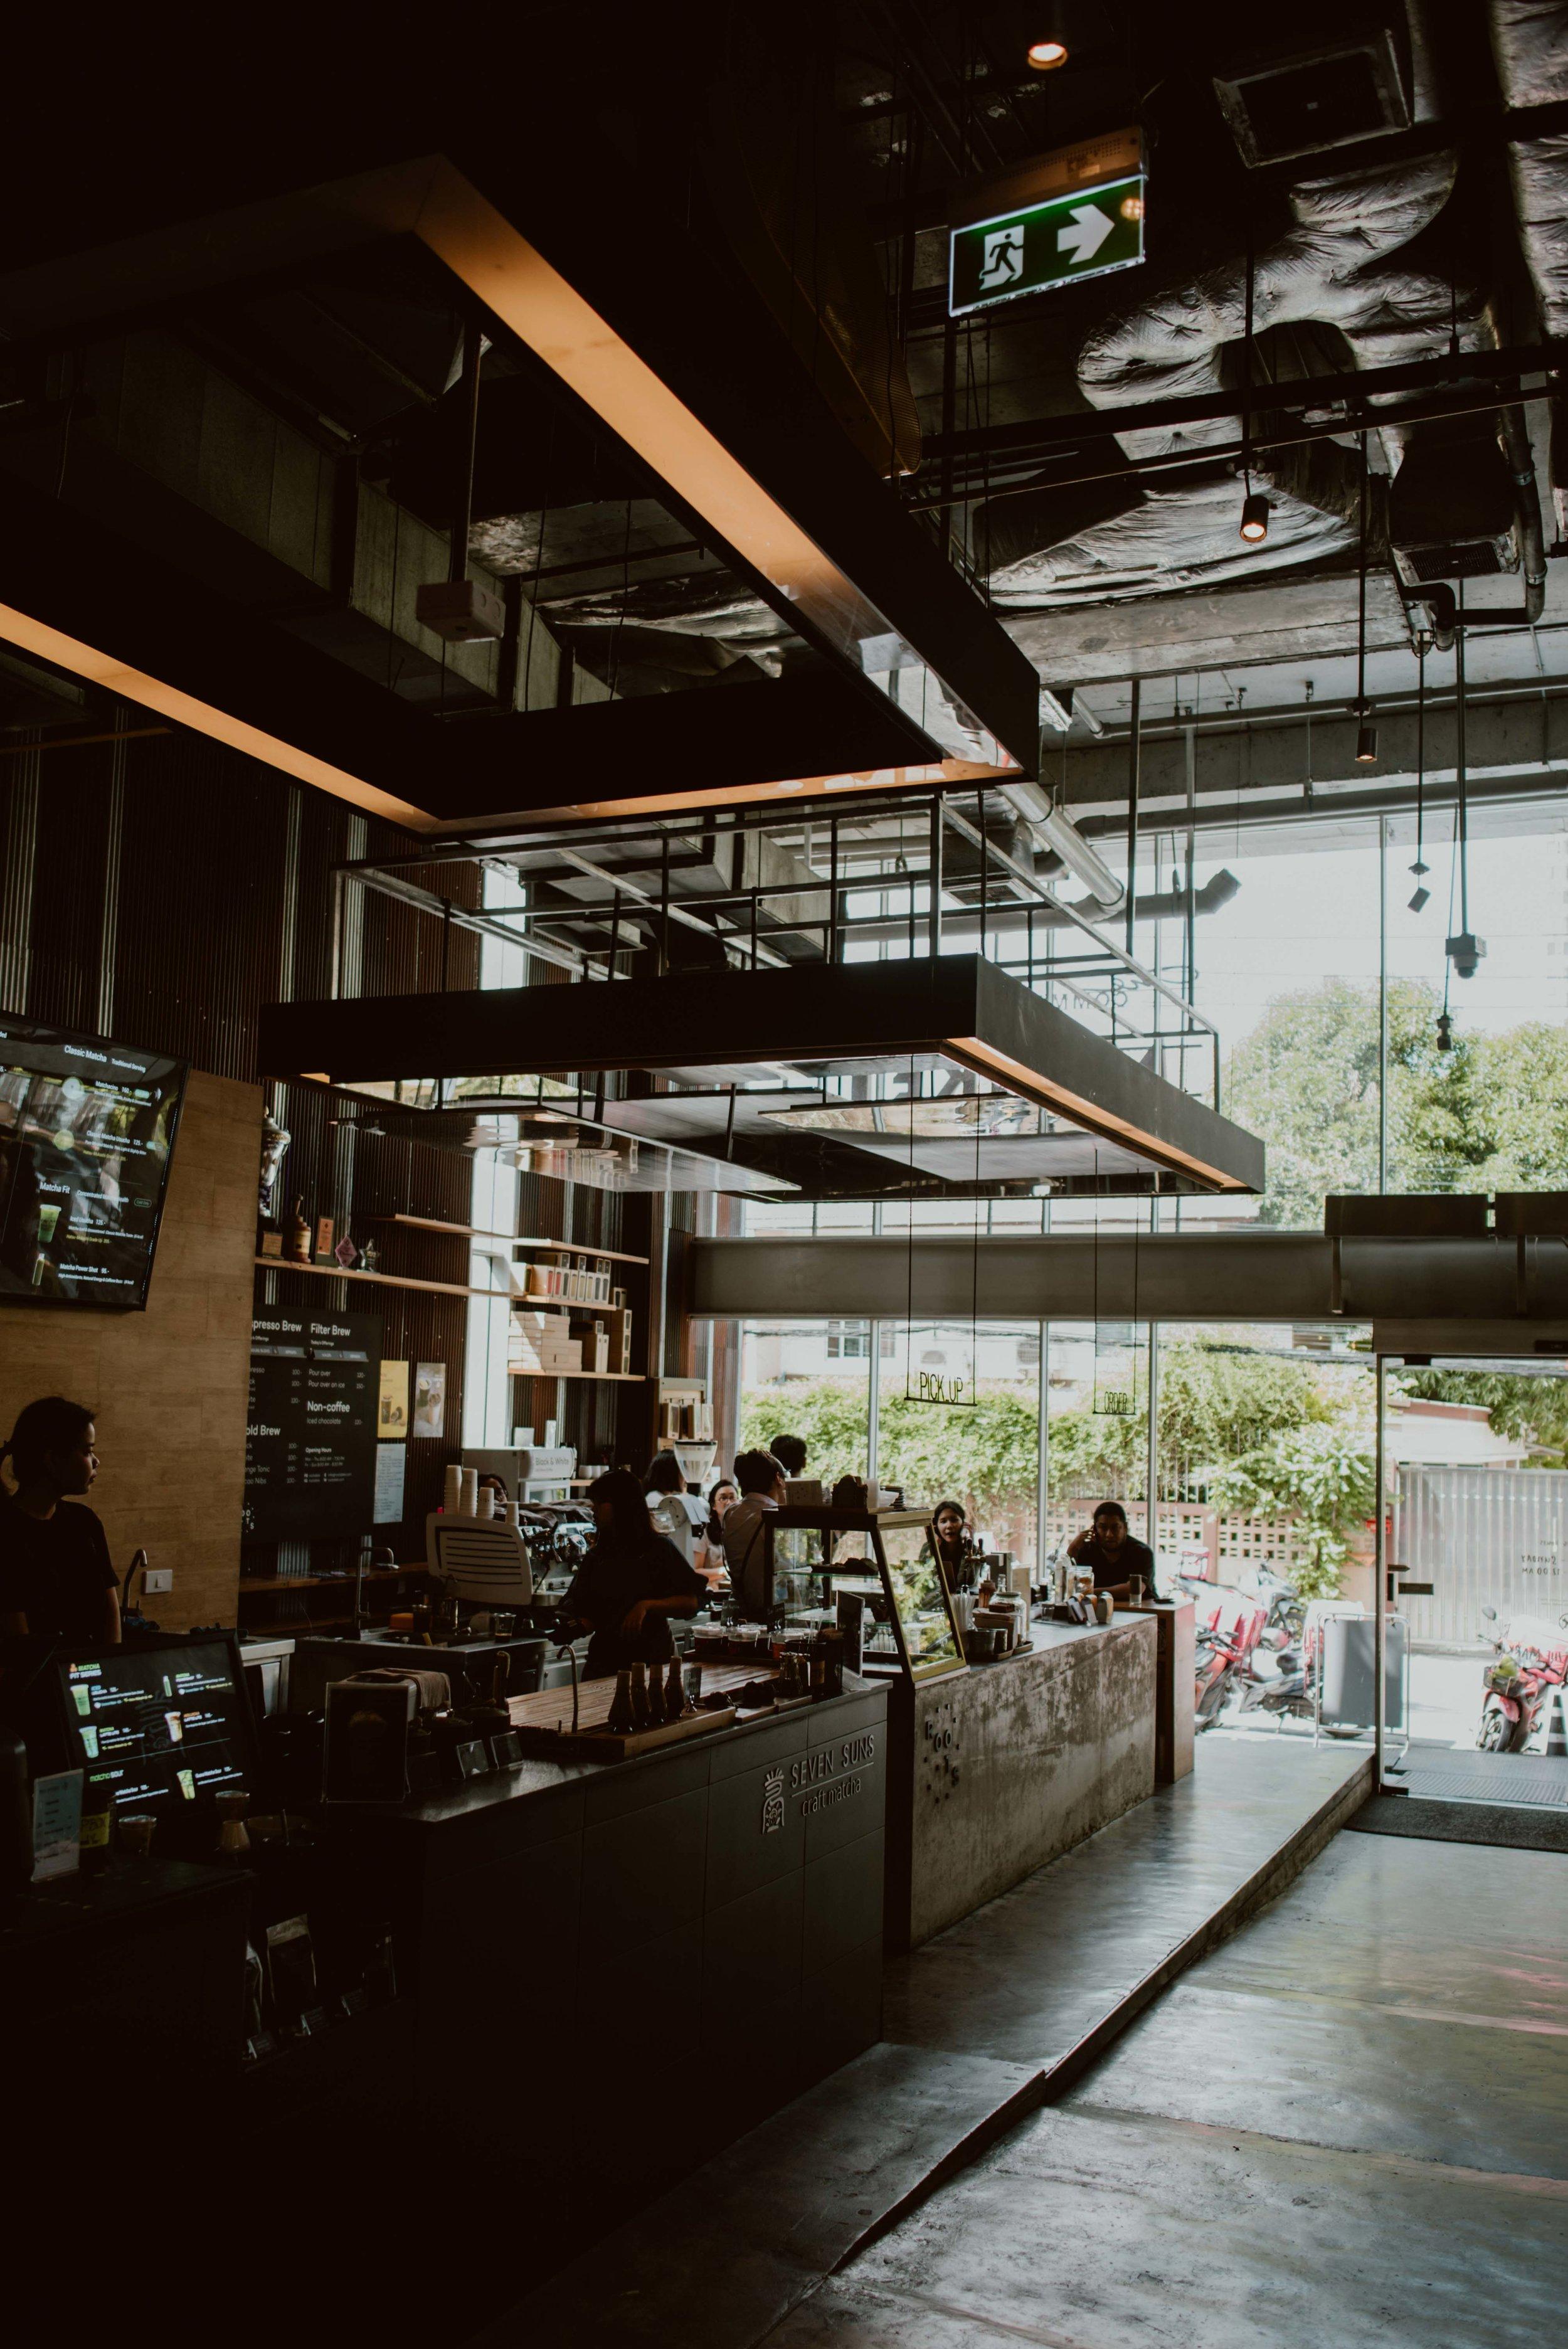 Bangkok-losebano-2.jpg